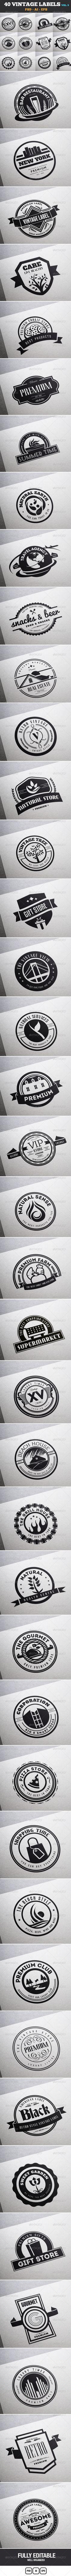 40 Vintage Labels & Badges / Logos / Insignias V9 - Badges & Stickers Web Elements